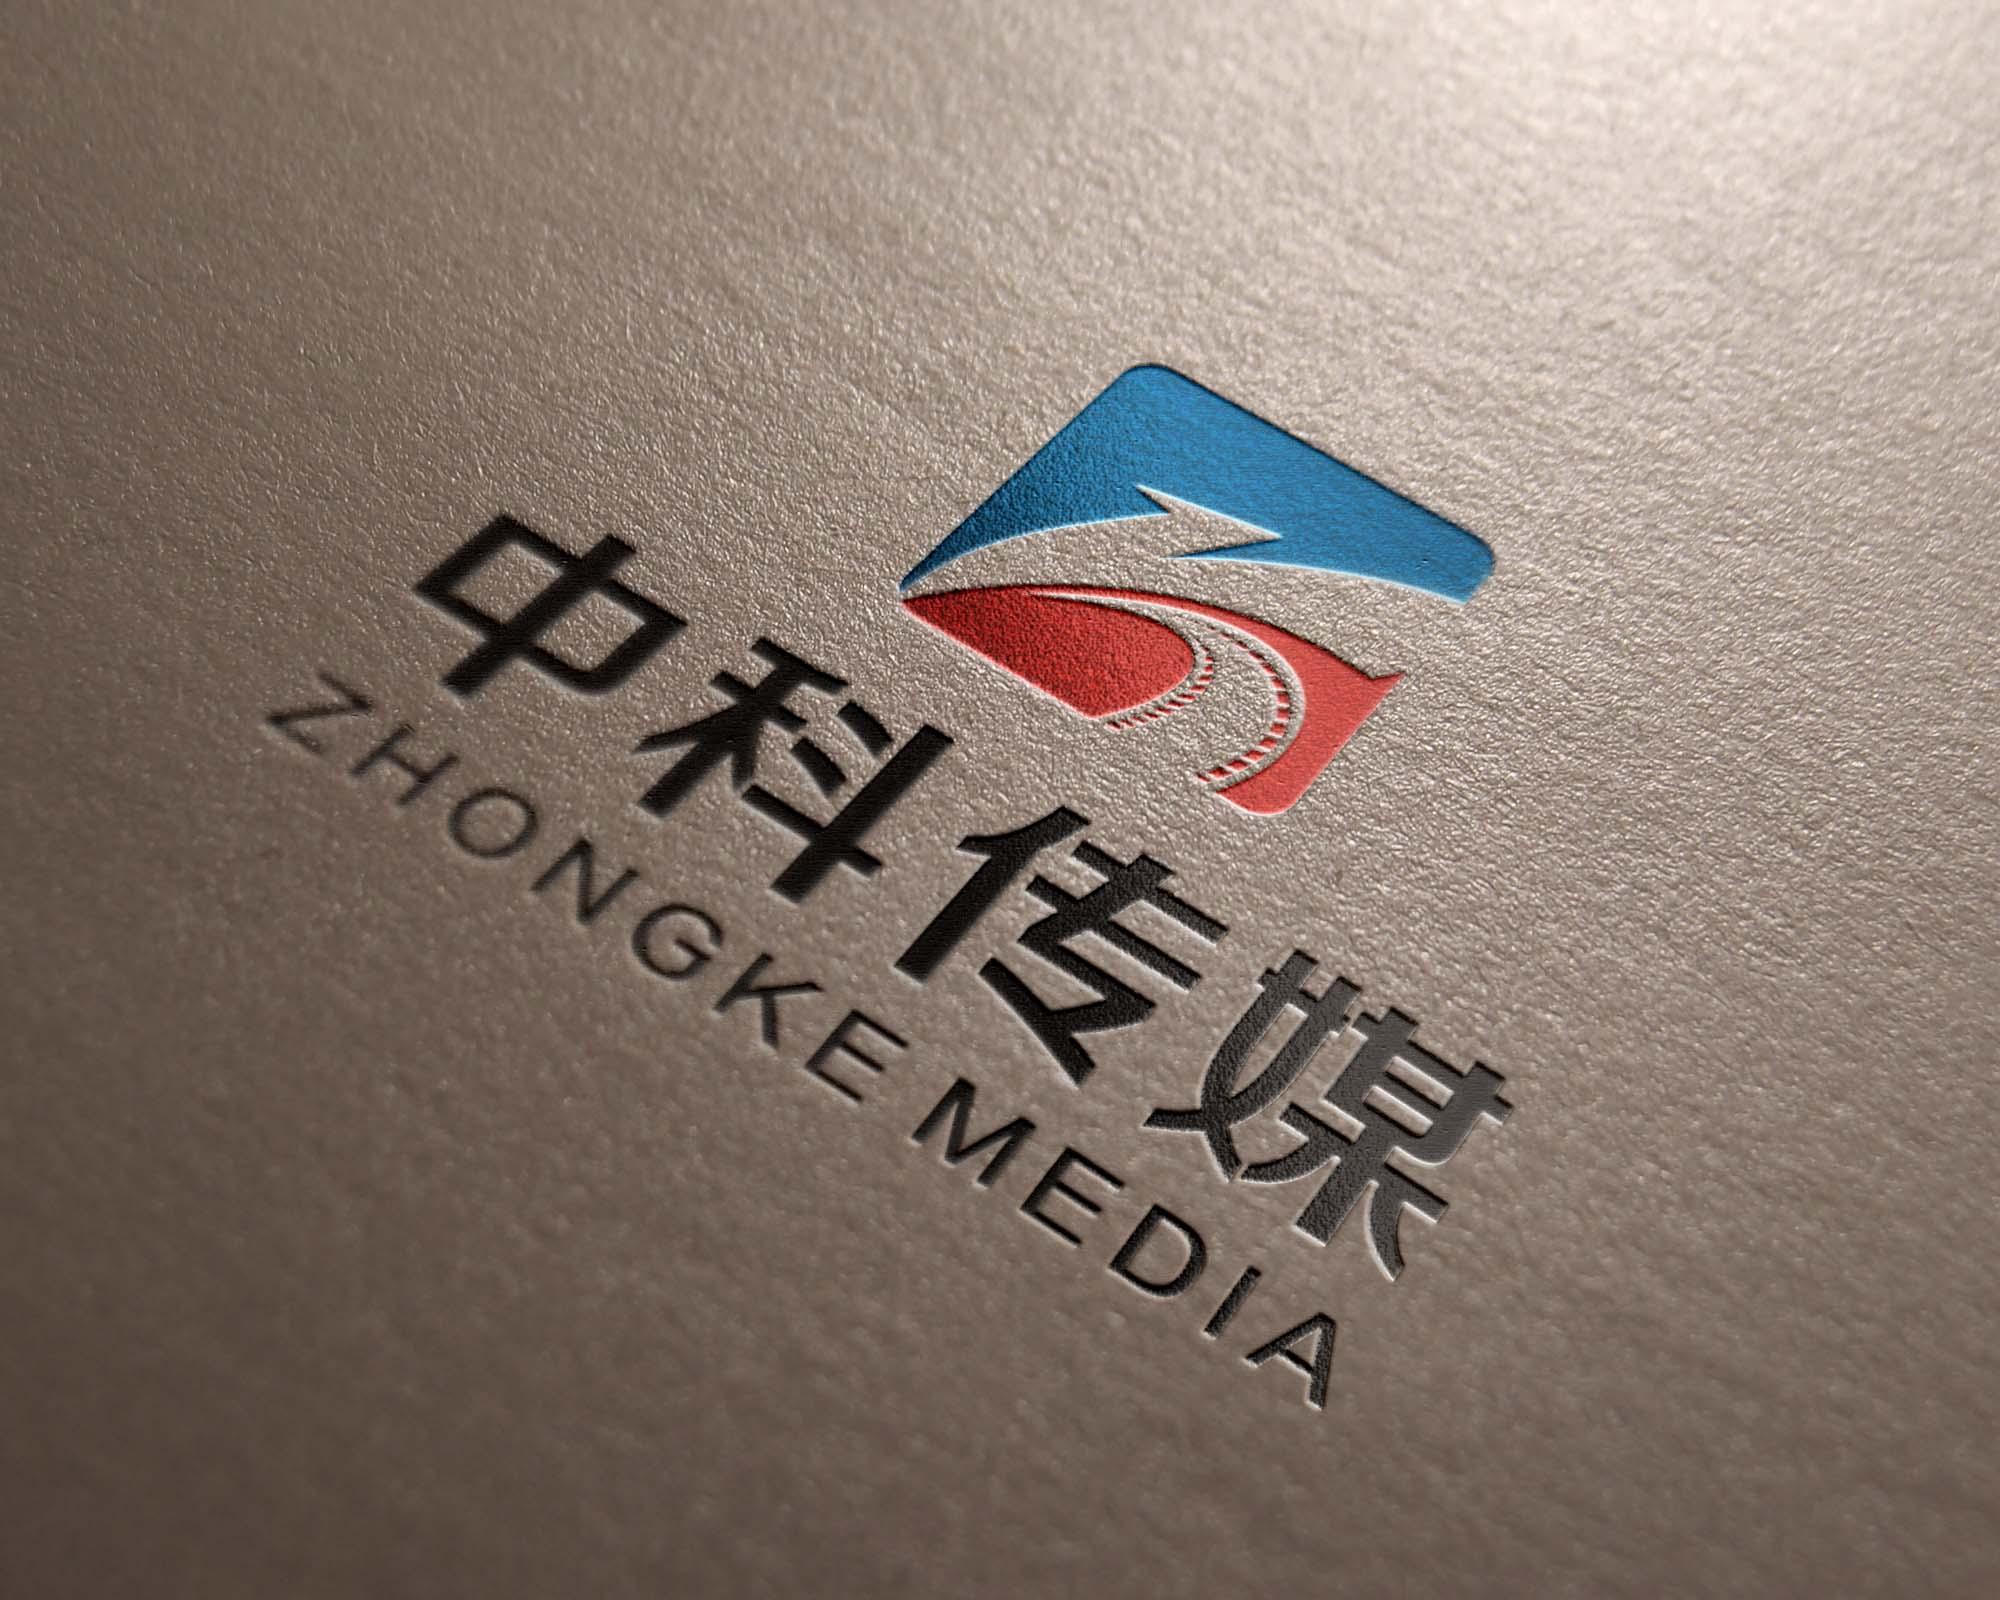 中英文LOGO 设计_3025661_k68威客网